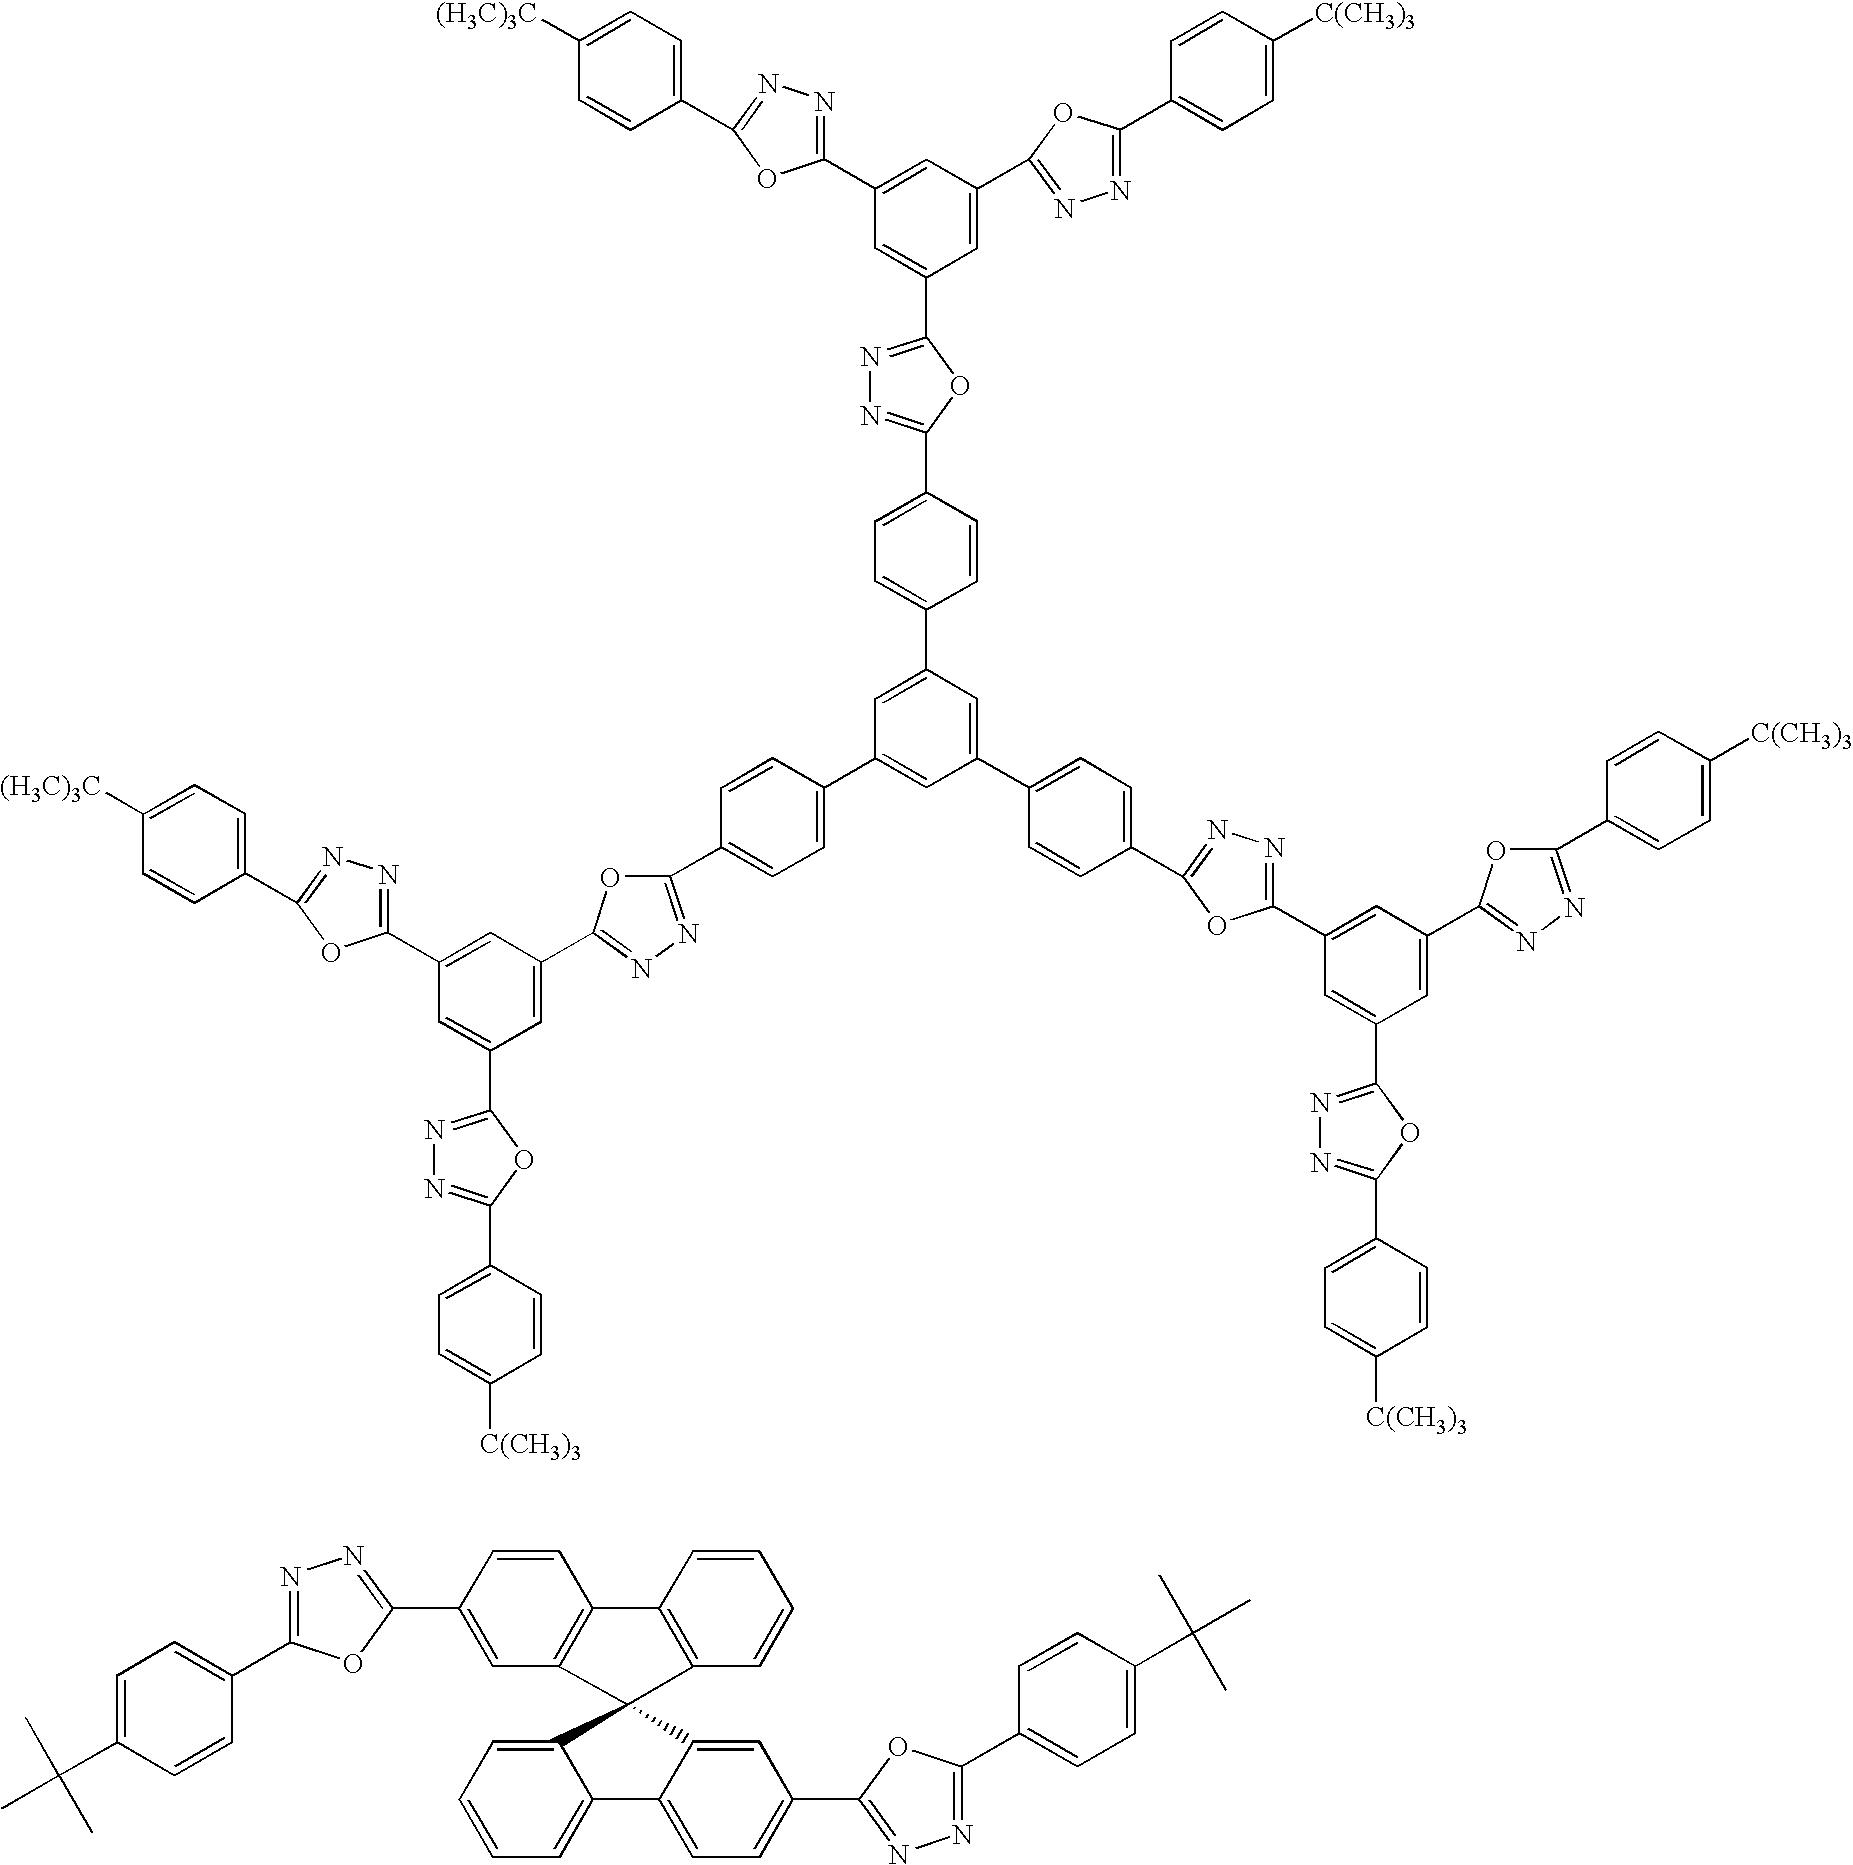 Figure US20090246664A1-20091001-C00013